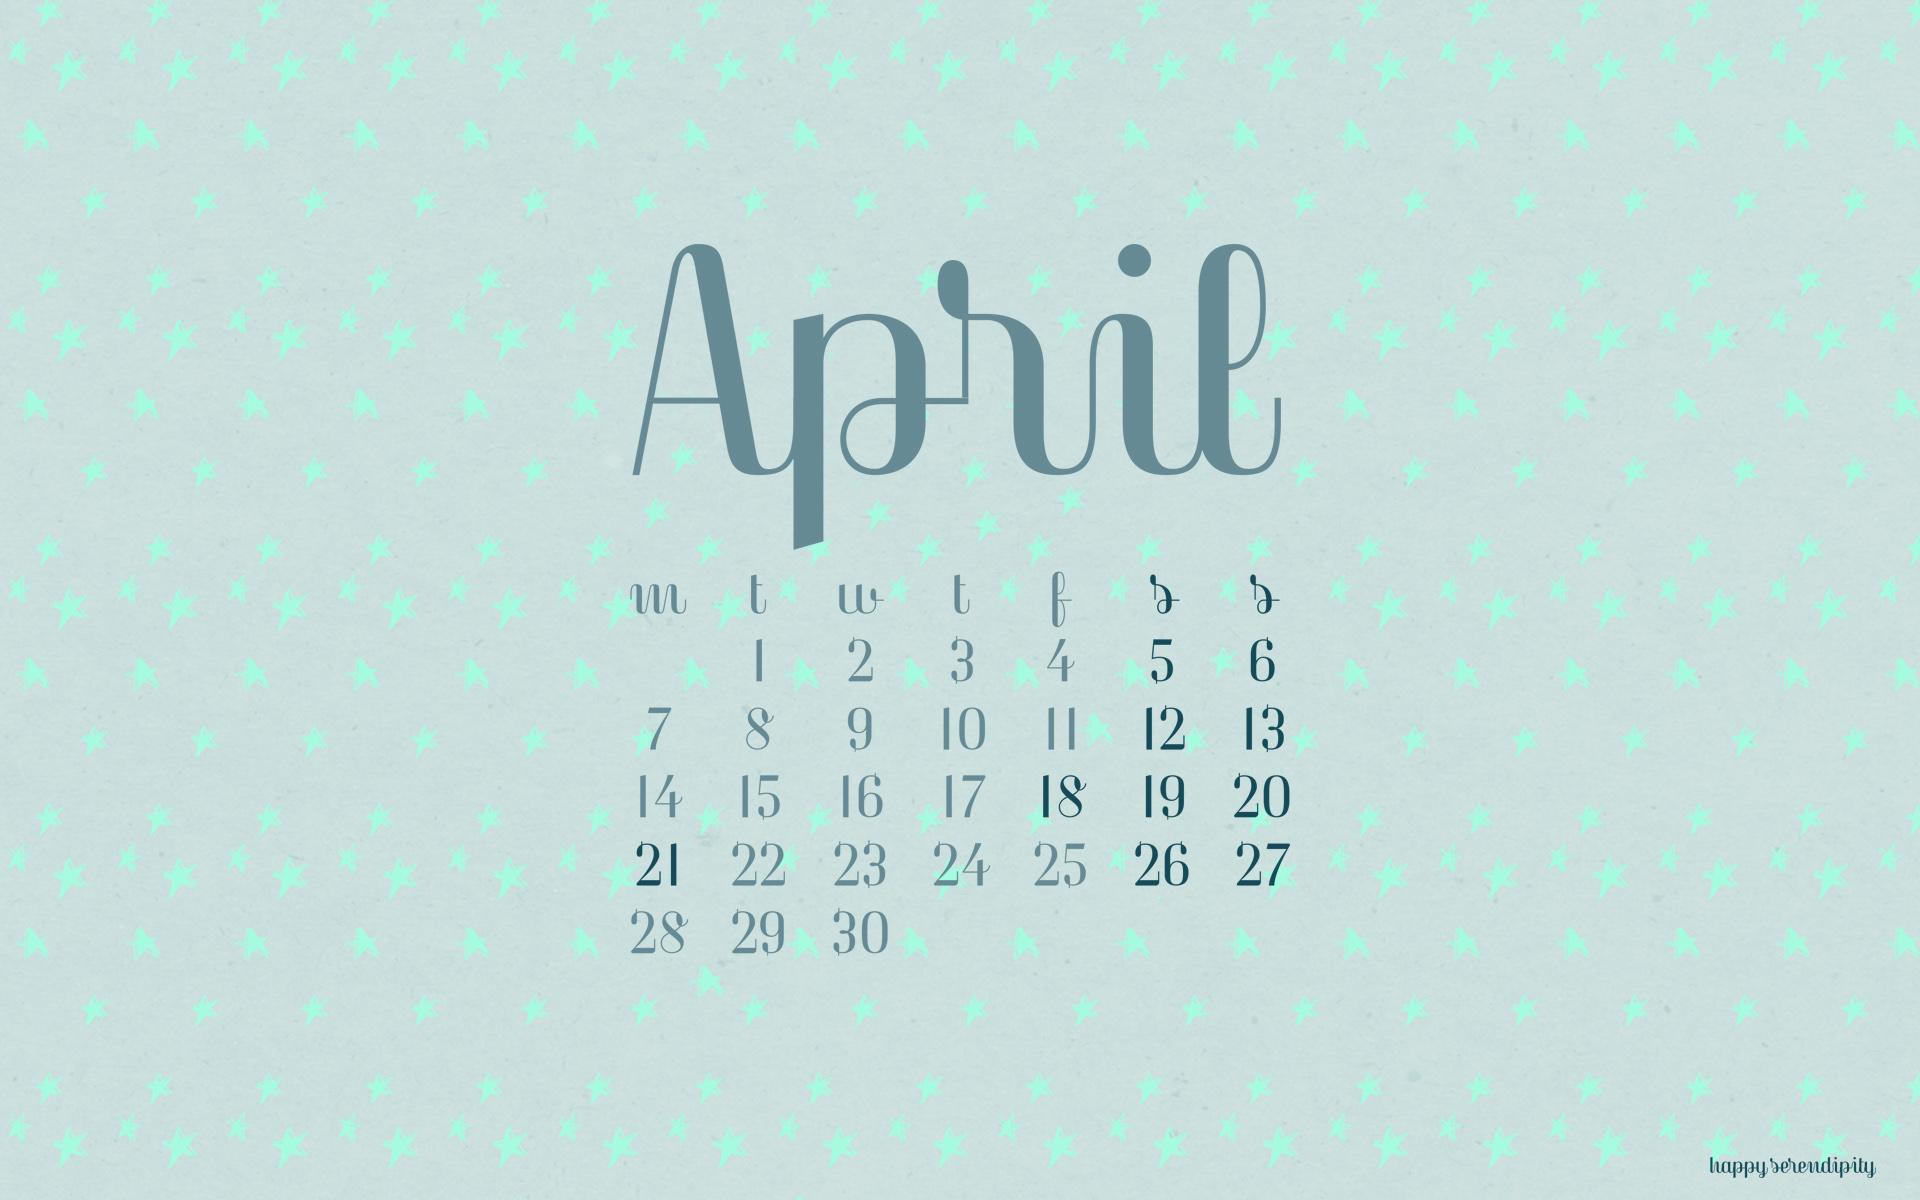 april 1920x1200 desktop wallpaper desktop calendar april april 1920x1200